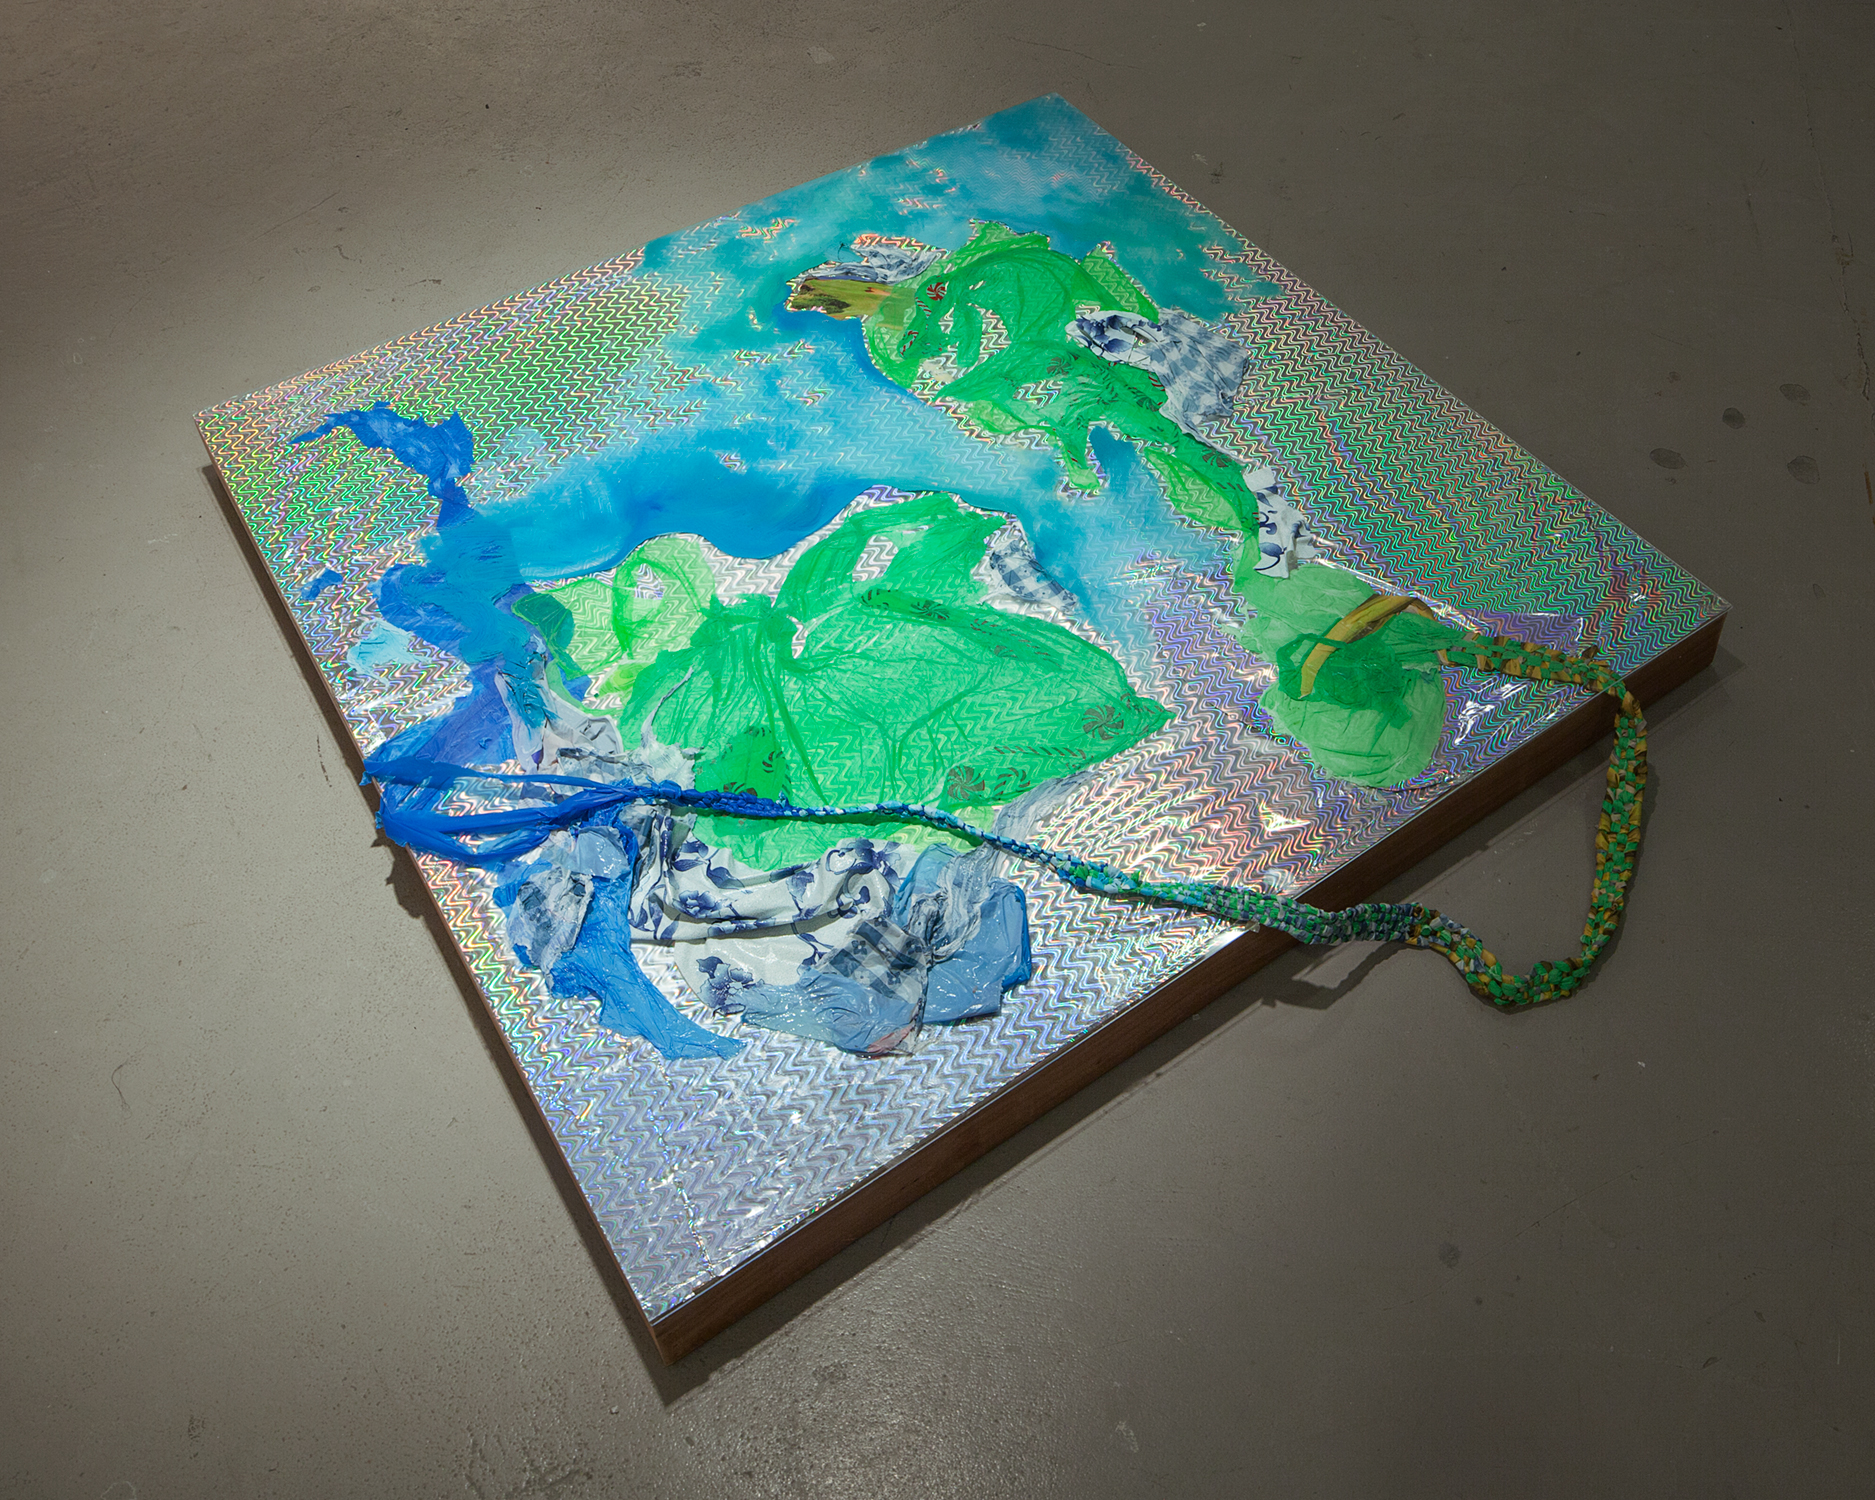 Flashplain , 2015, Oil, plastic, plexiglass, found paper, wood, 48 x 48 x 4 inches